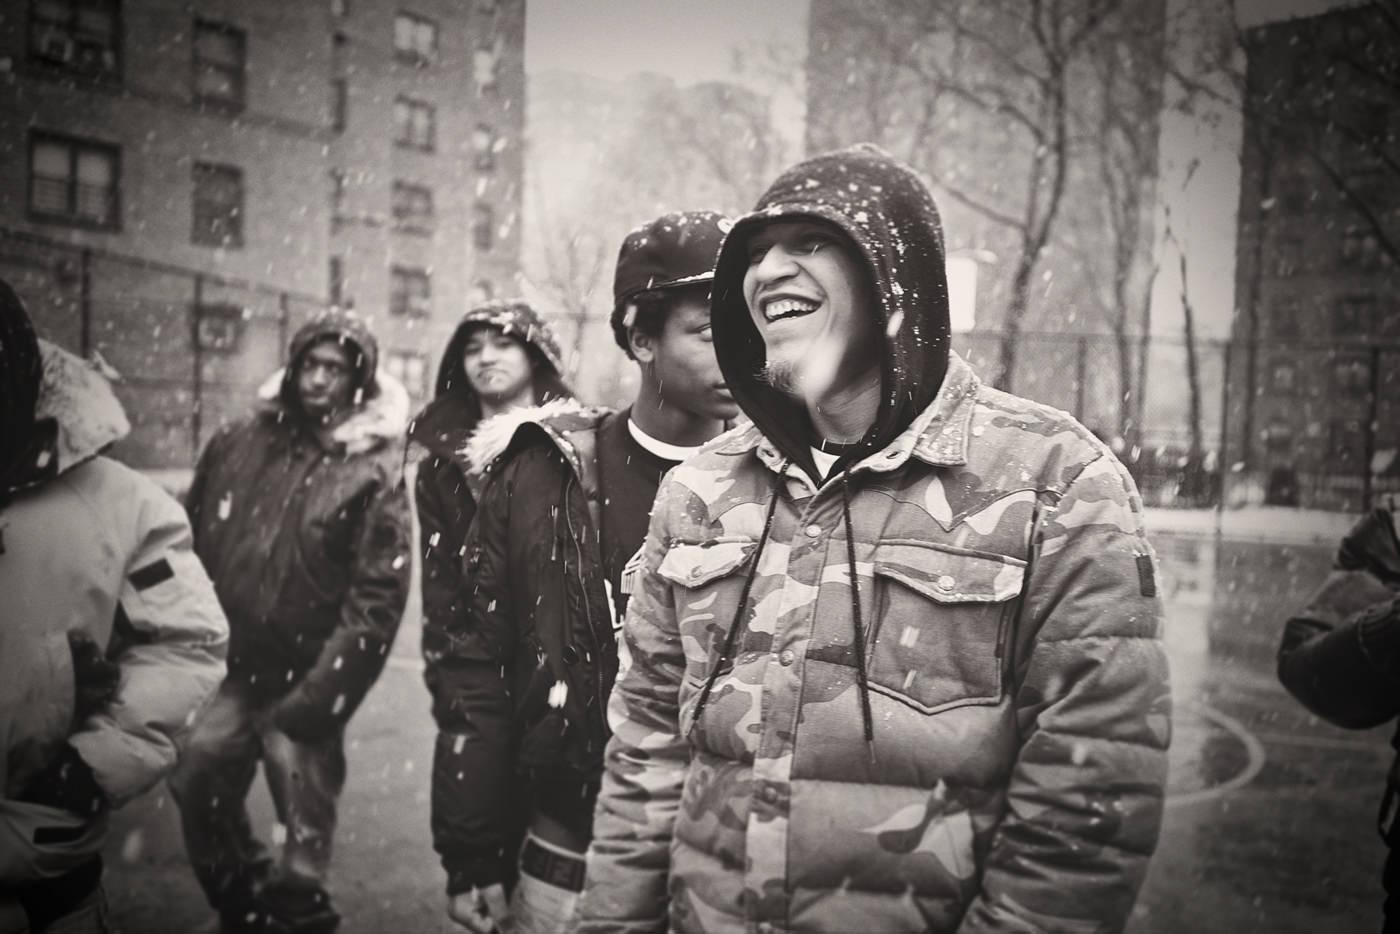 Harlem 13